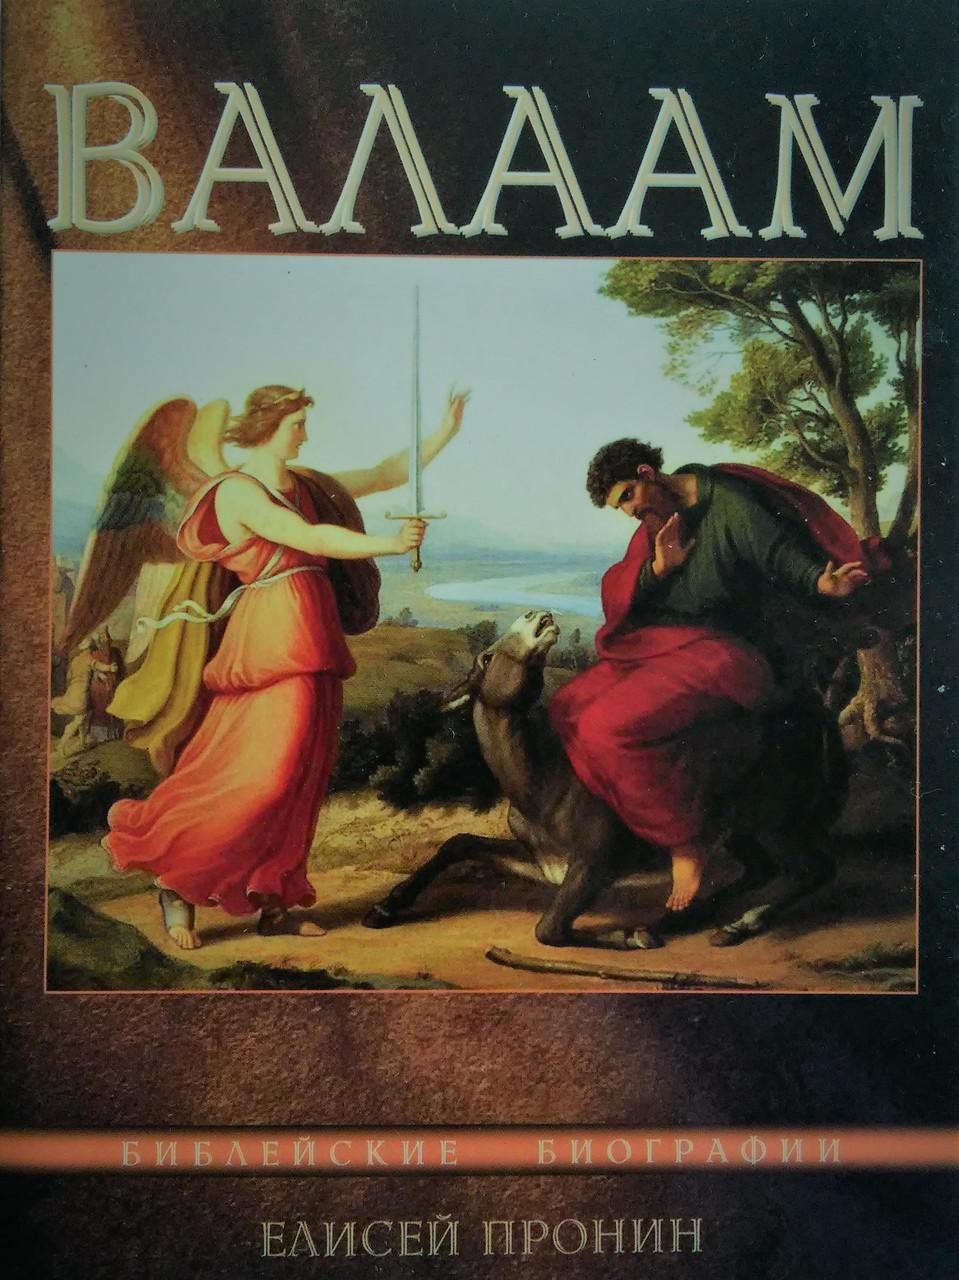 Валаам. Біблійні біографії. Єлисей Пронін